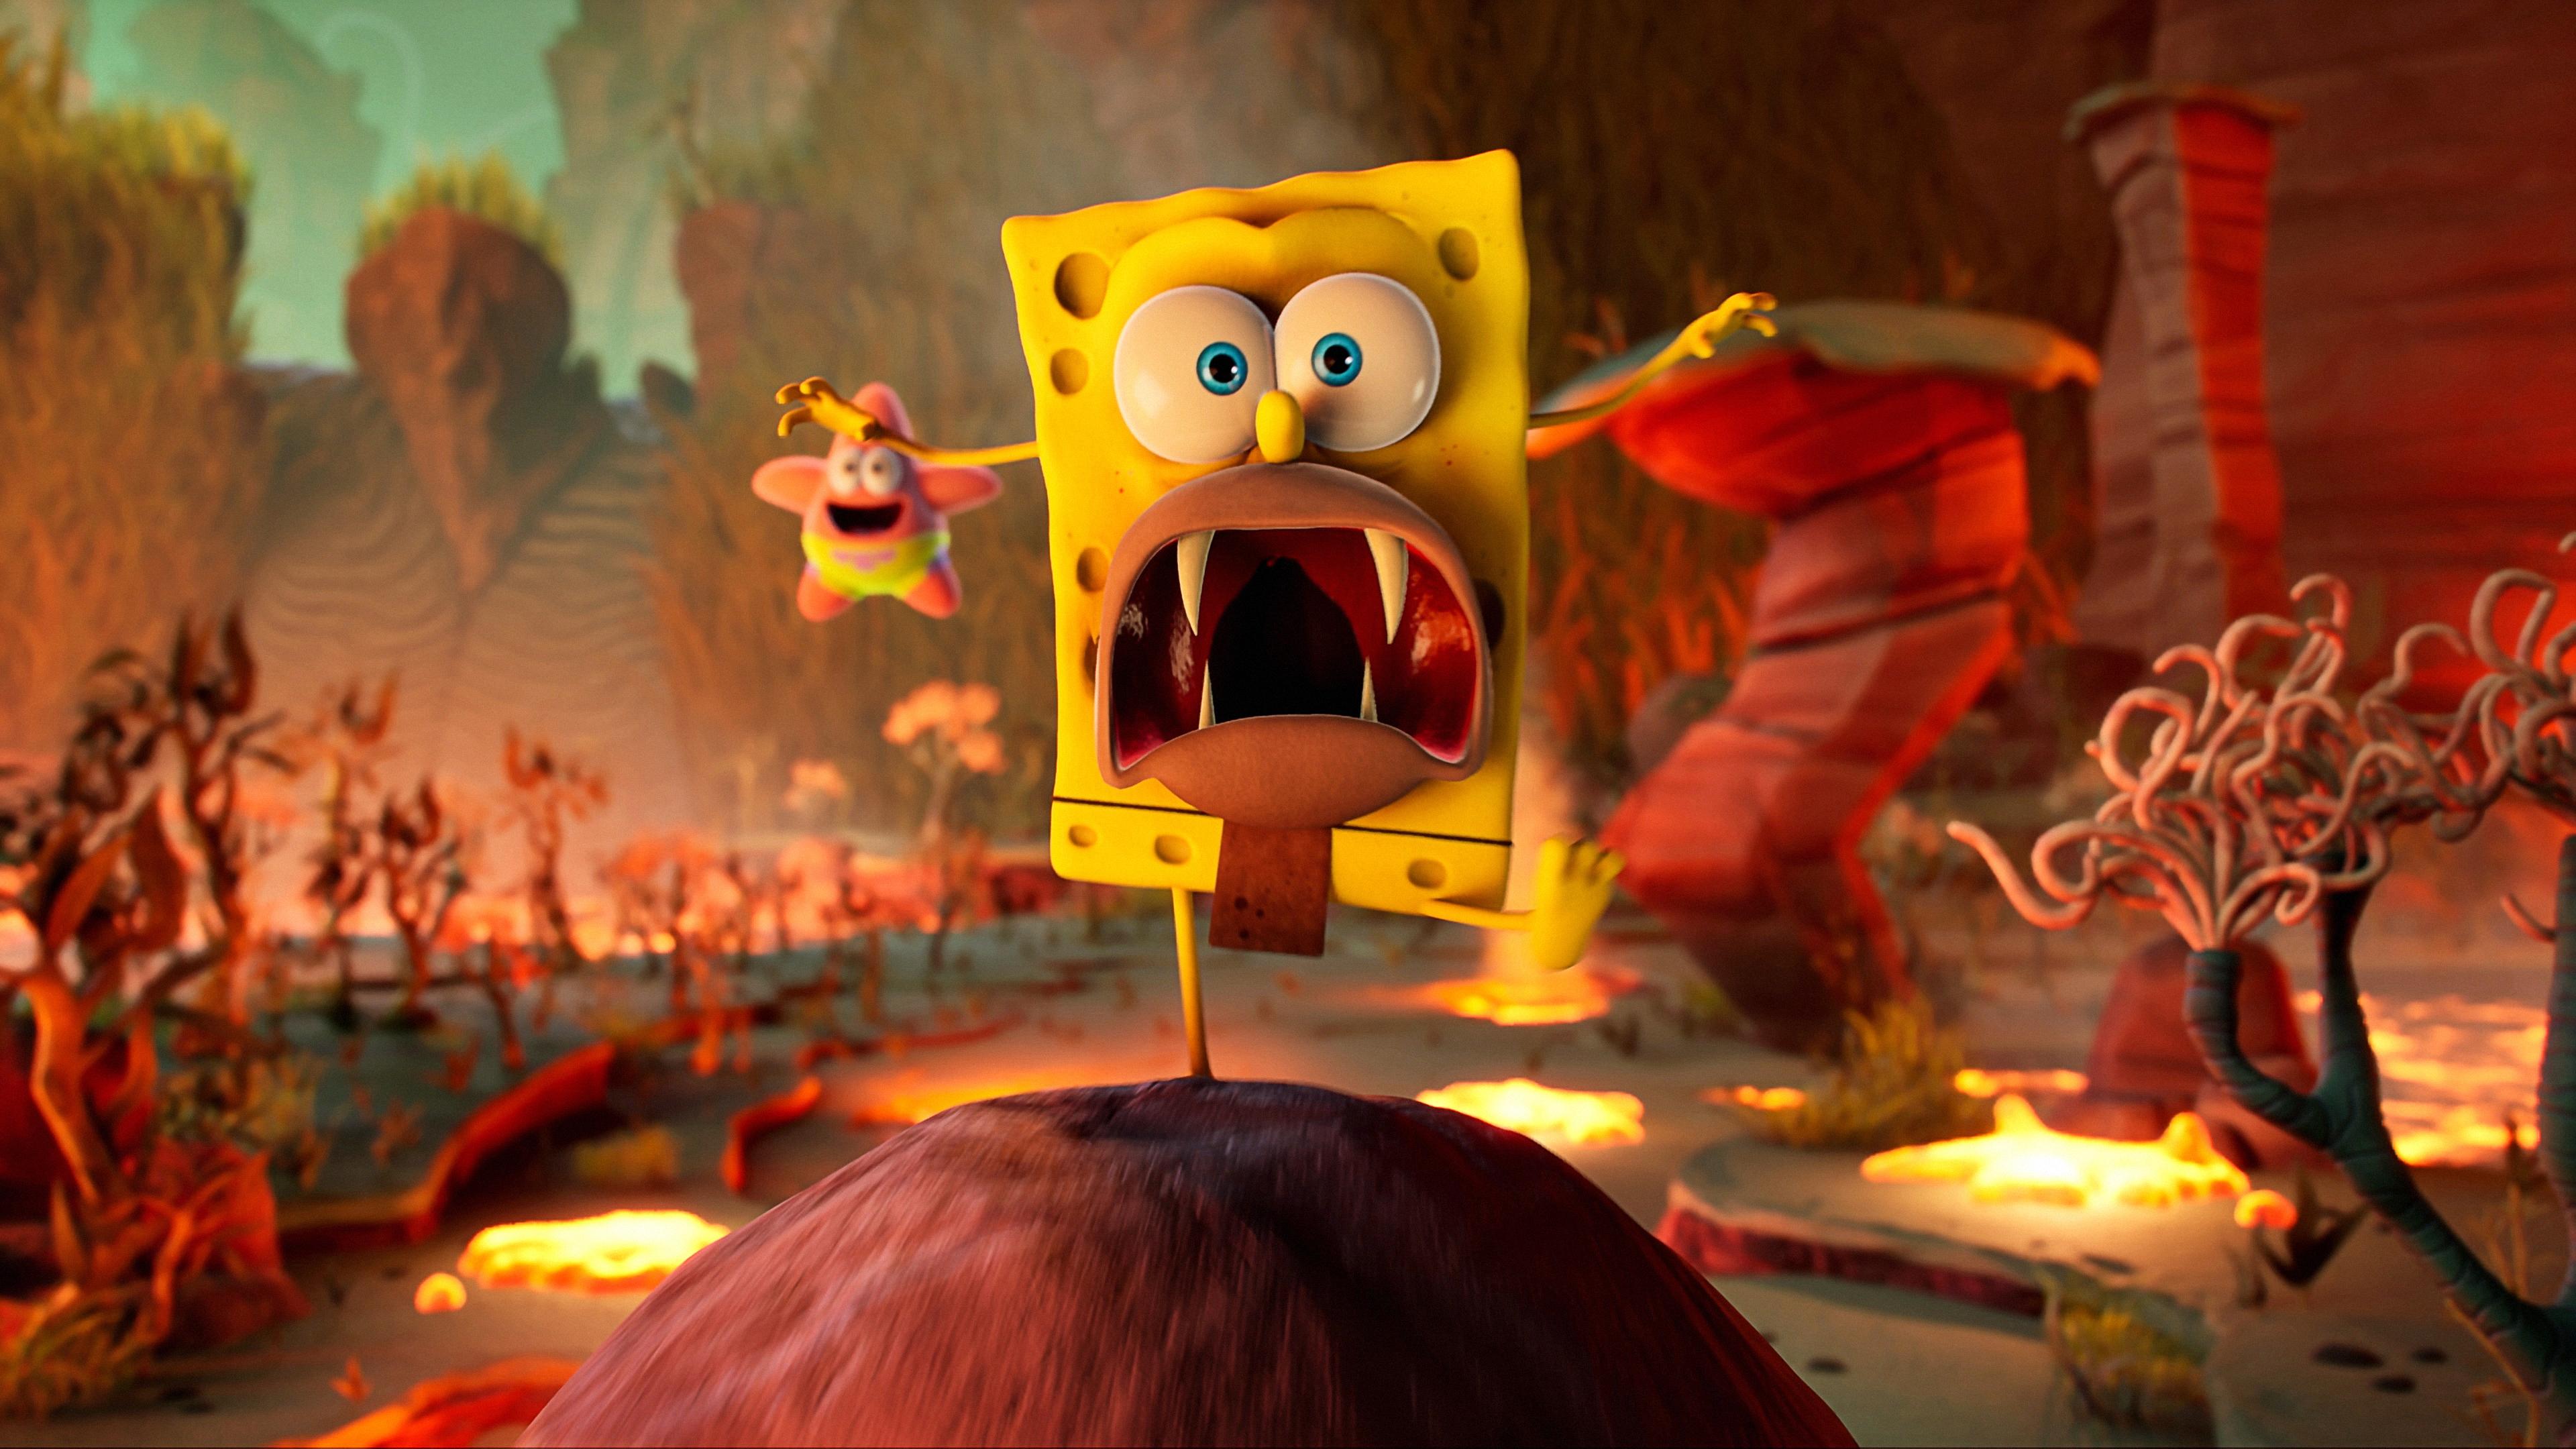 General 3840x2160 SpongeBob SquarePants: The Cosmic Shake SpongeBob SquarePants THQ Nordic Purple Lamp Studios spongebob 4K video game art